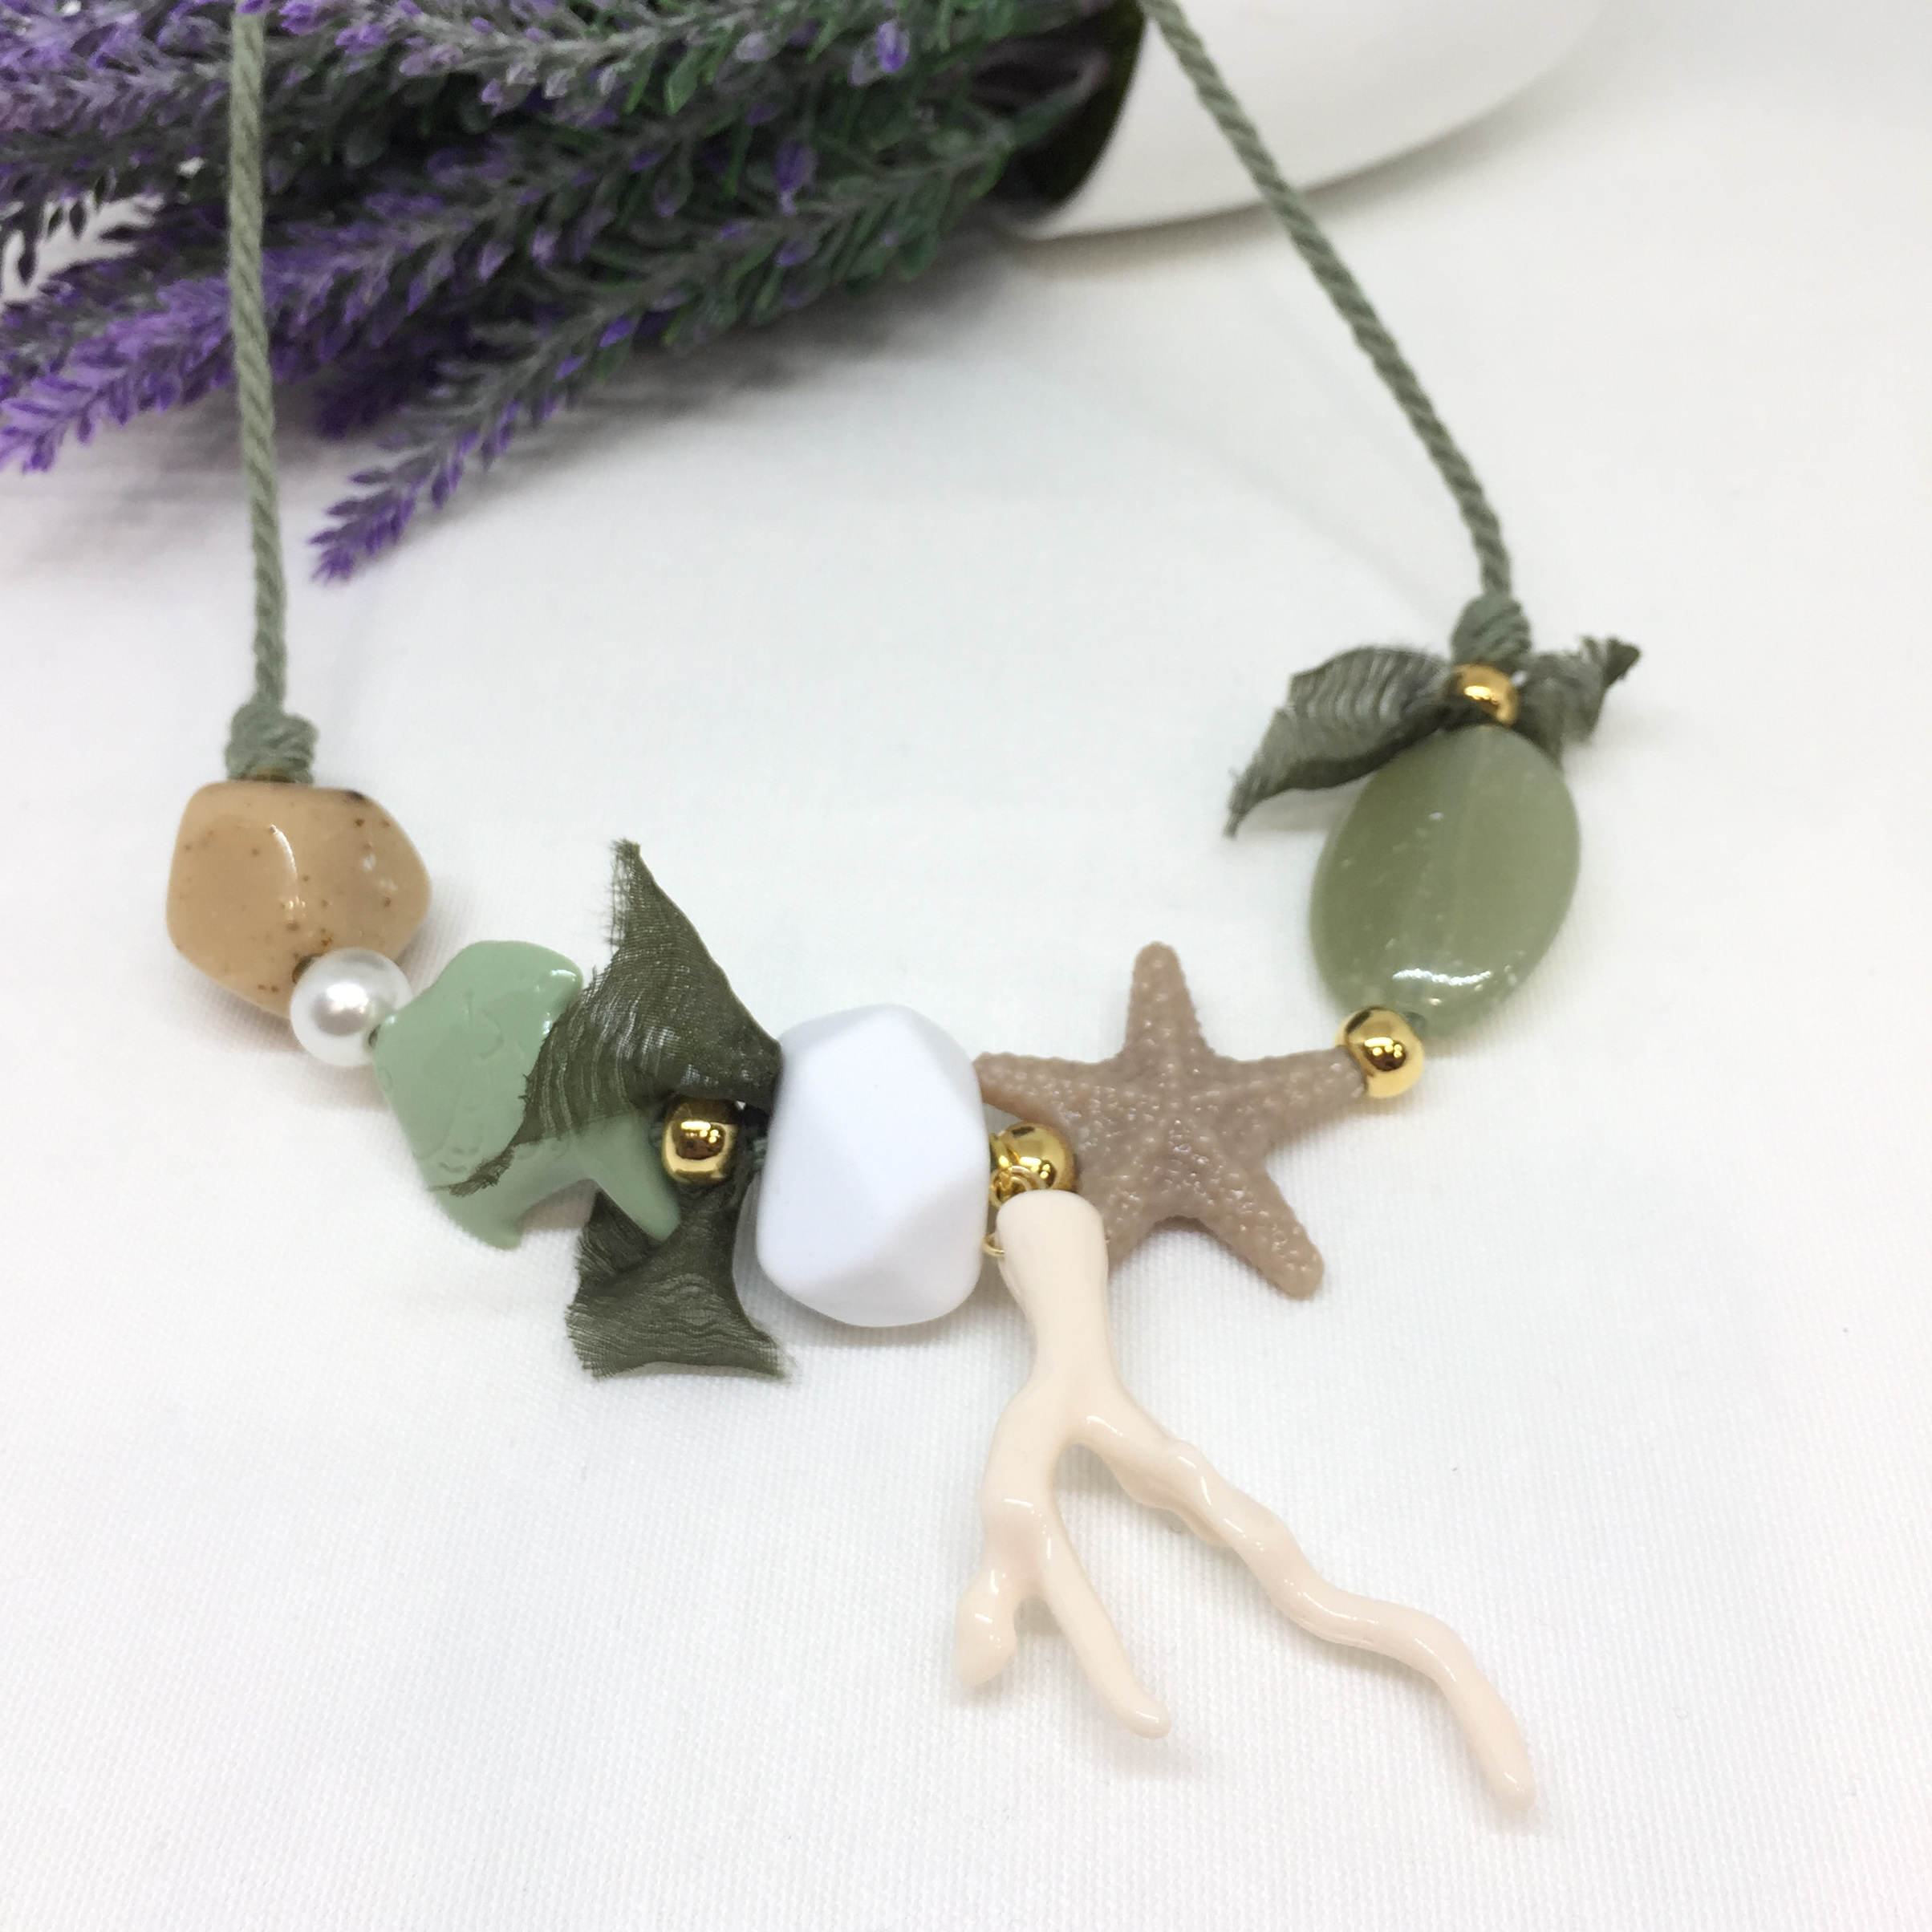 8c2f2bfa47c6 Collar resinas tonos verdes y beiges – LA TIENDA DE ALI